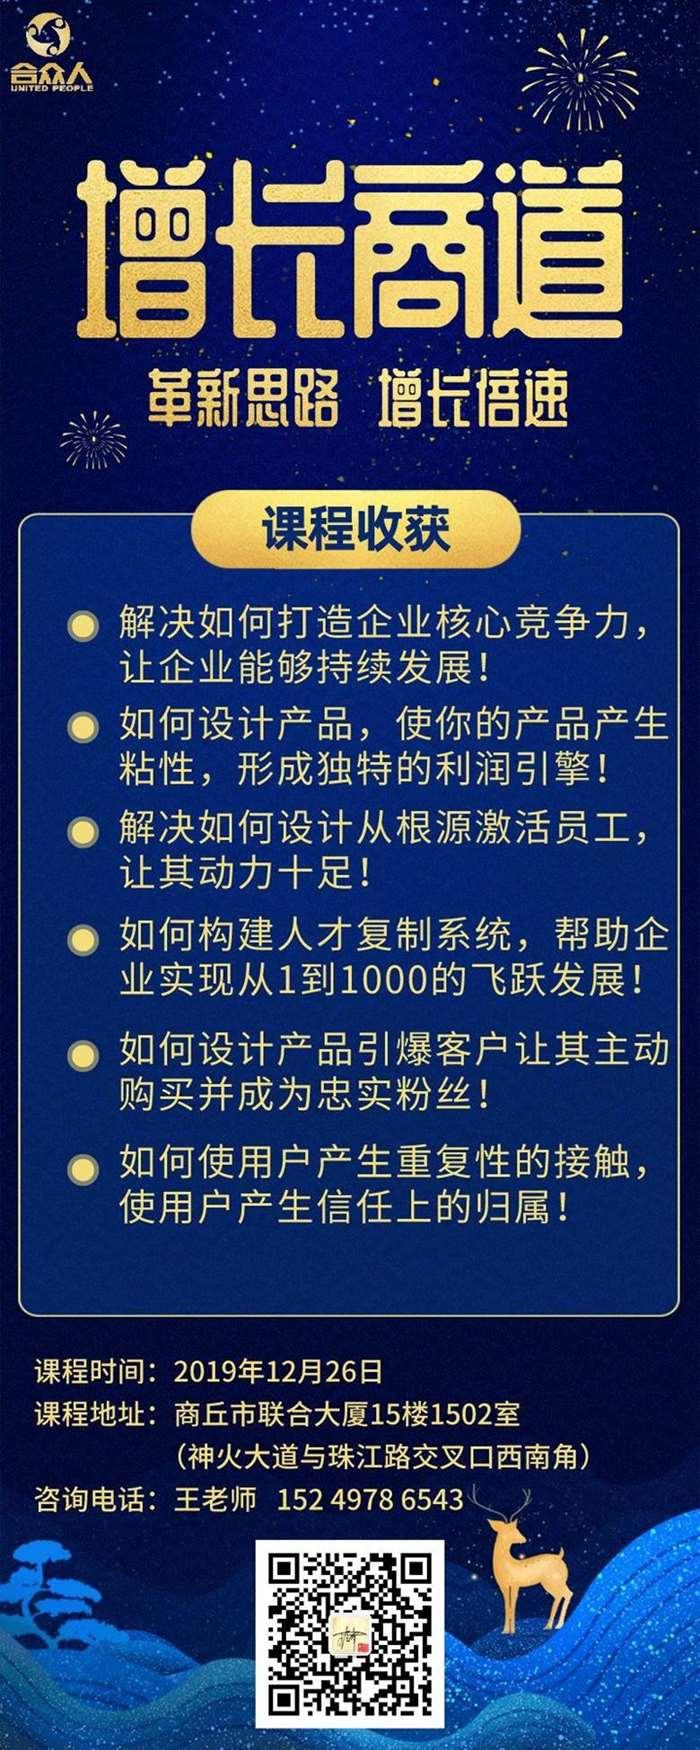 默认标题_长图海报_2019-12-23-0.png